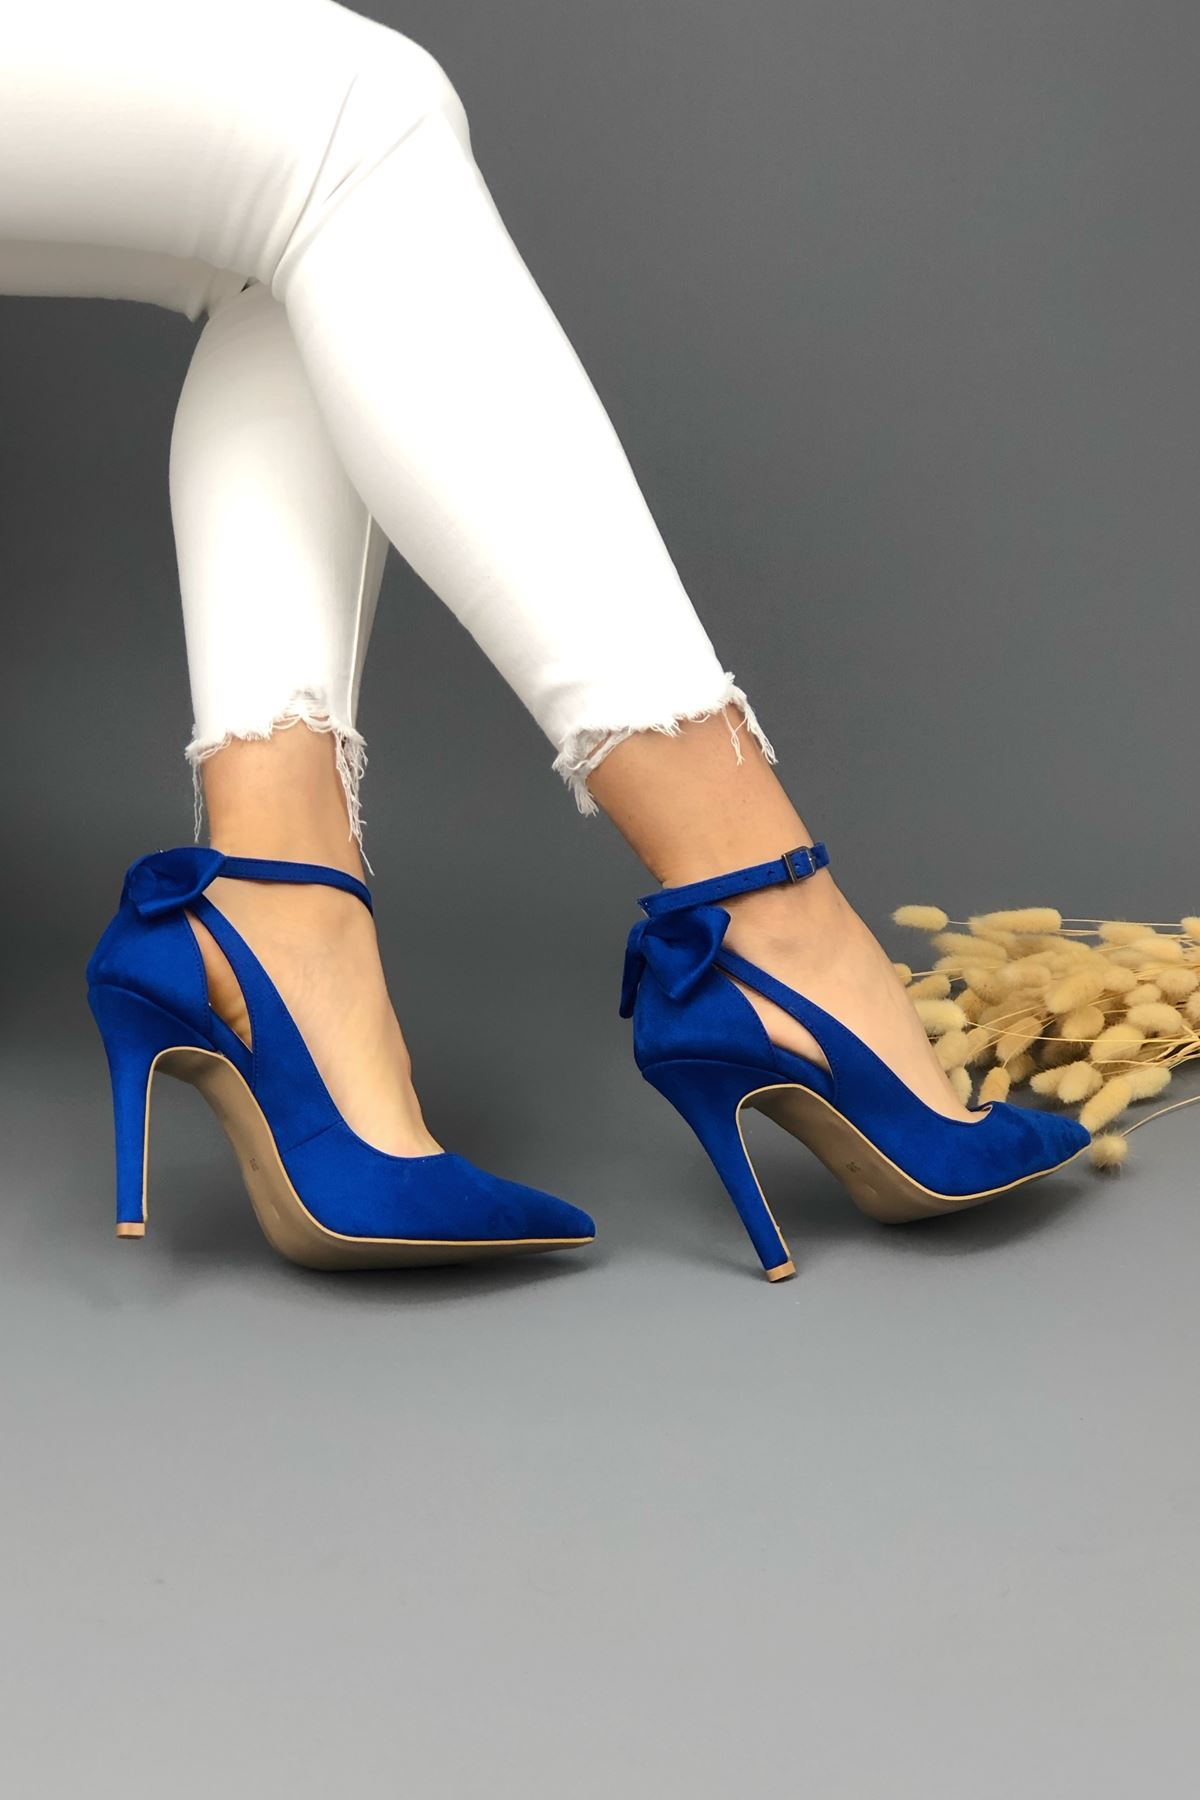 Luther Papyonlu Sax Mavi Kadın Ayakkabı